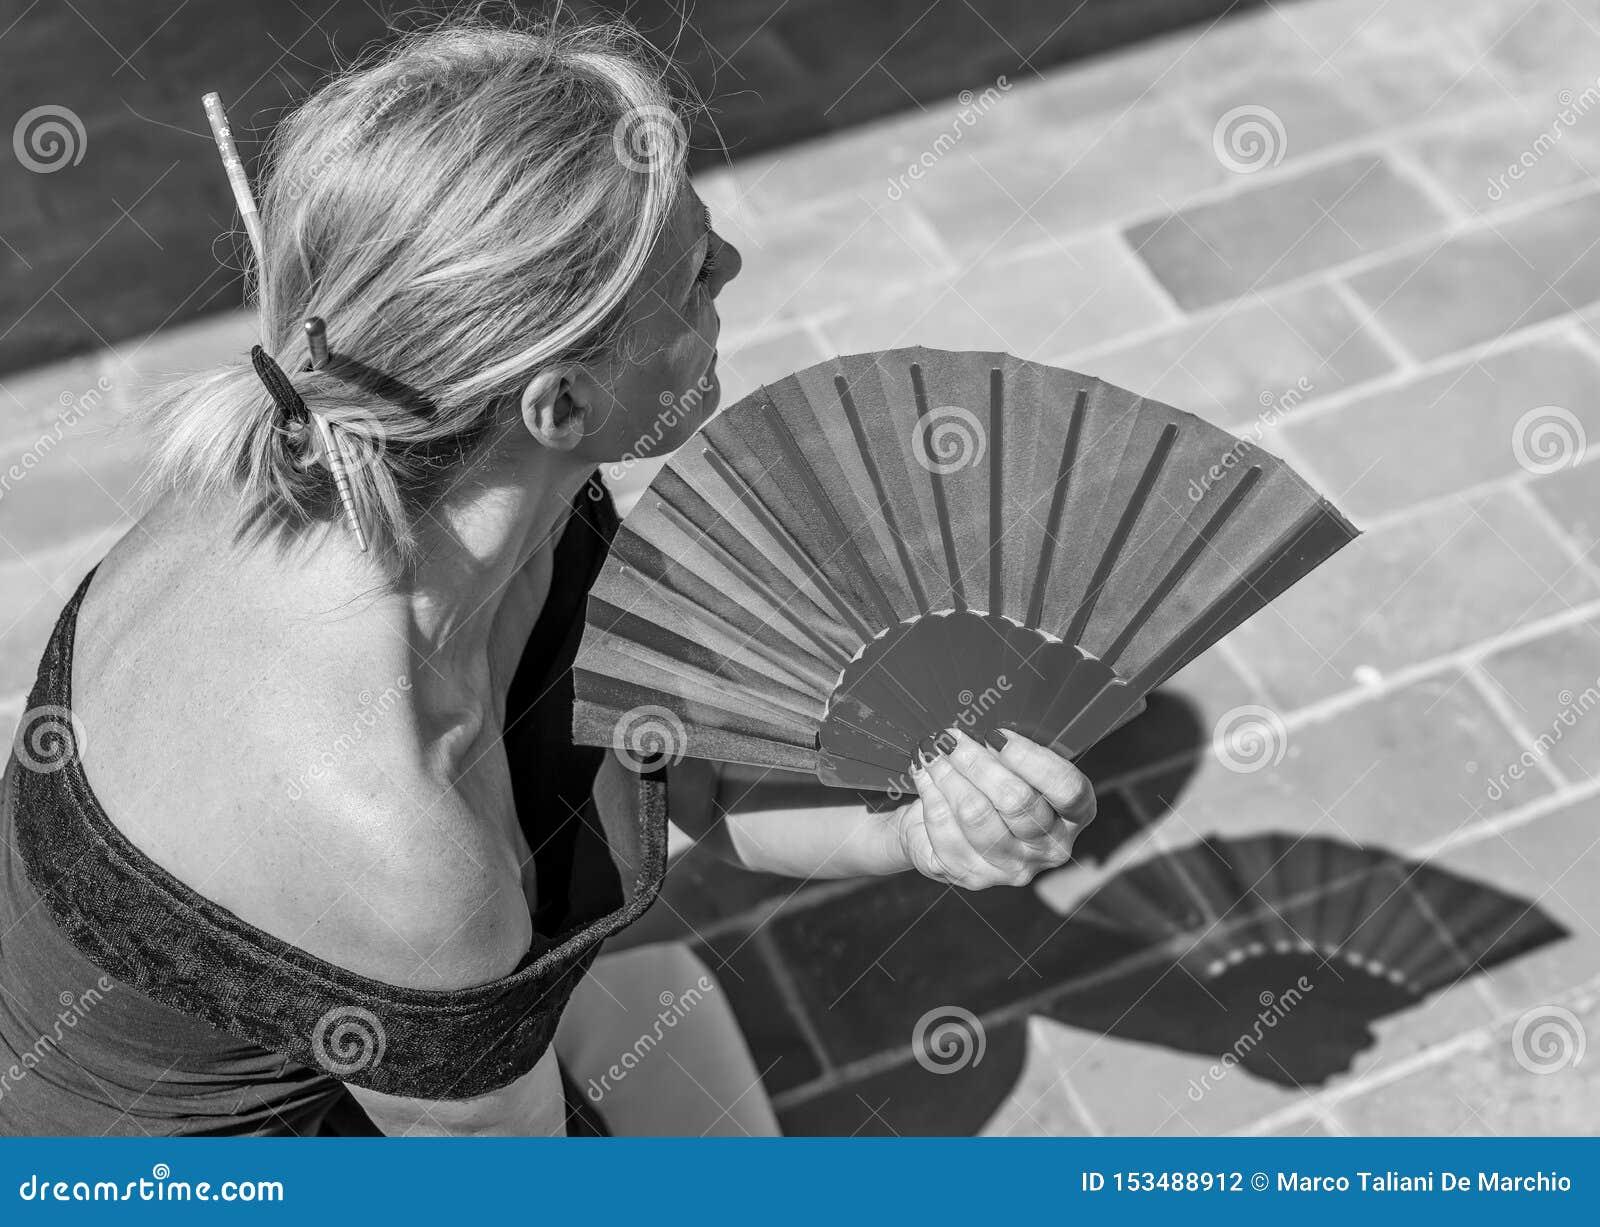 美丽的白种人妇女在一个热的夏日使用一个手爱好者变冷静